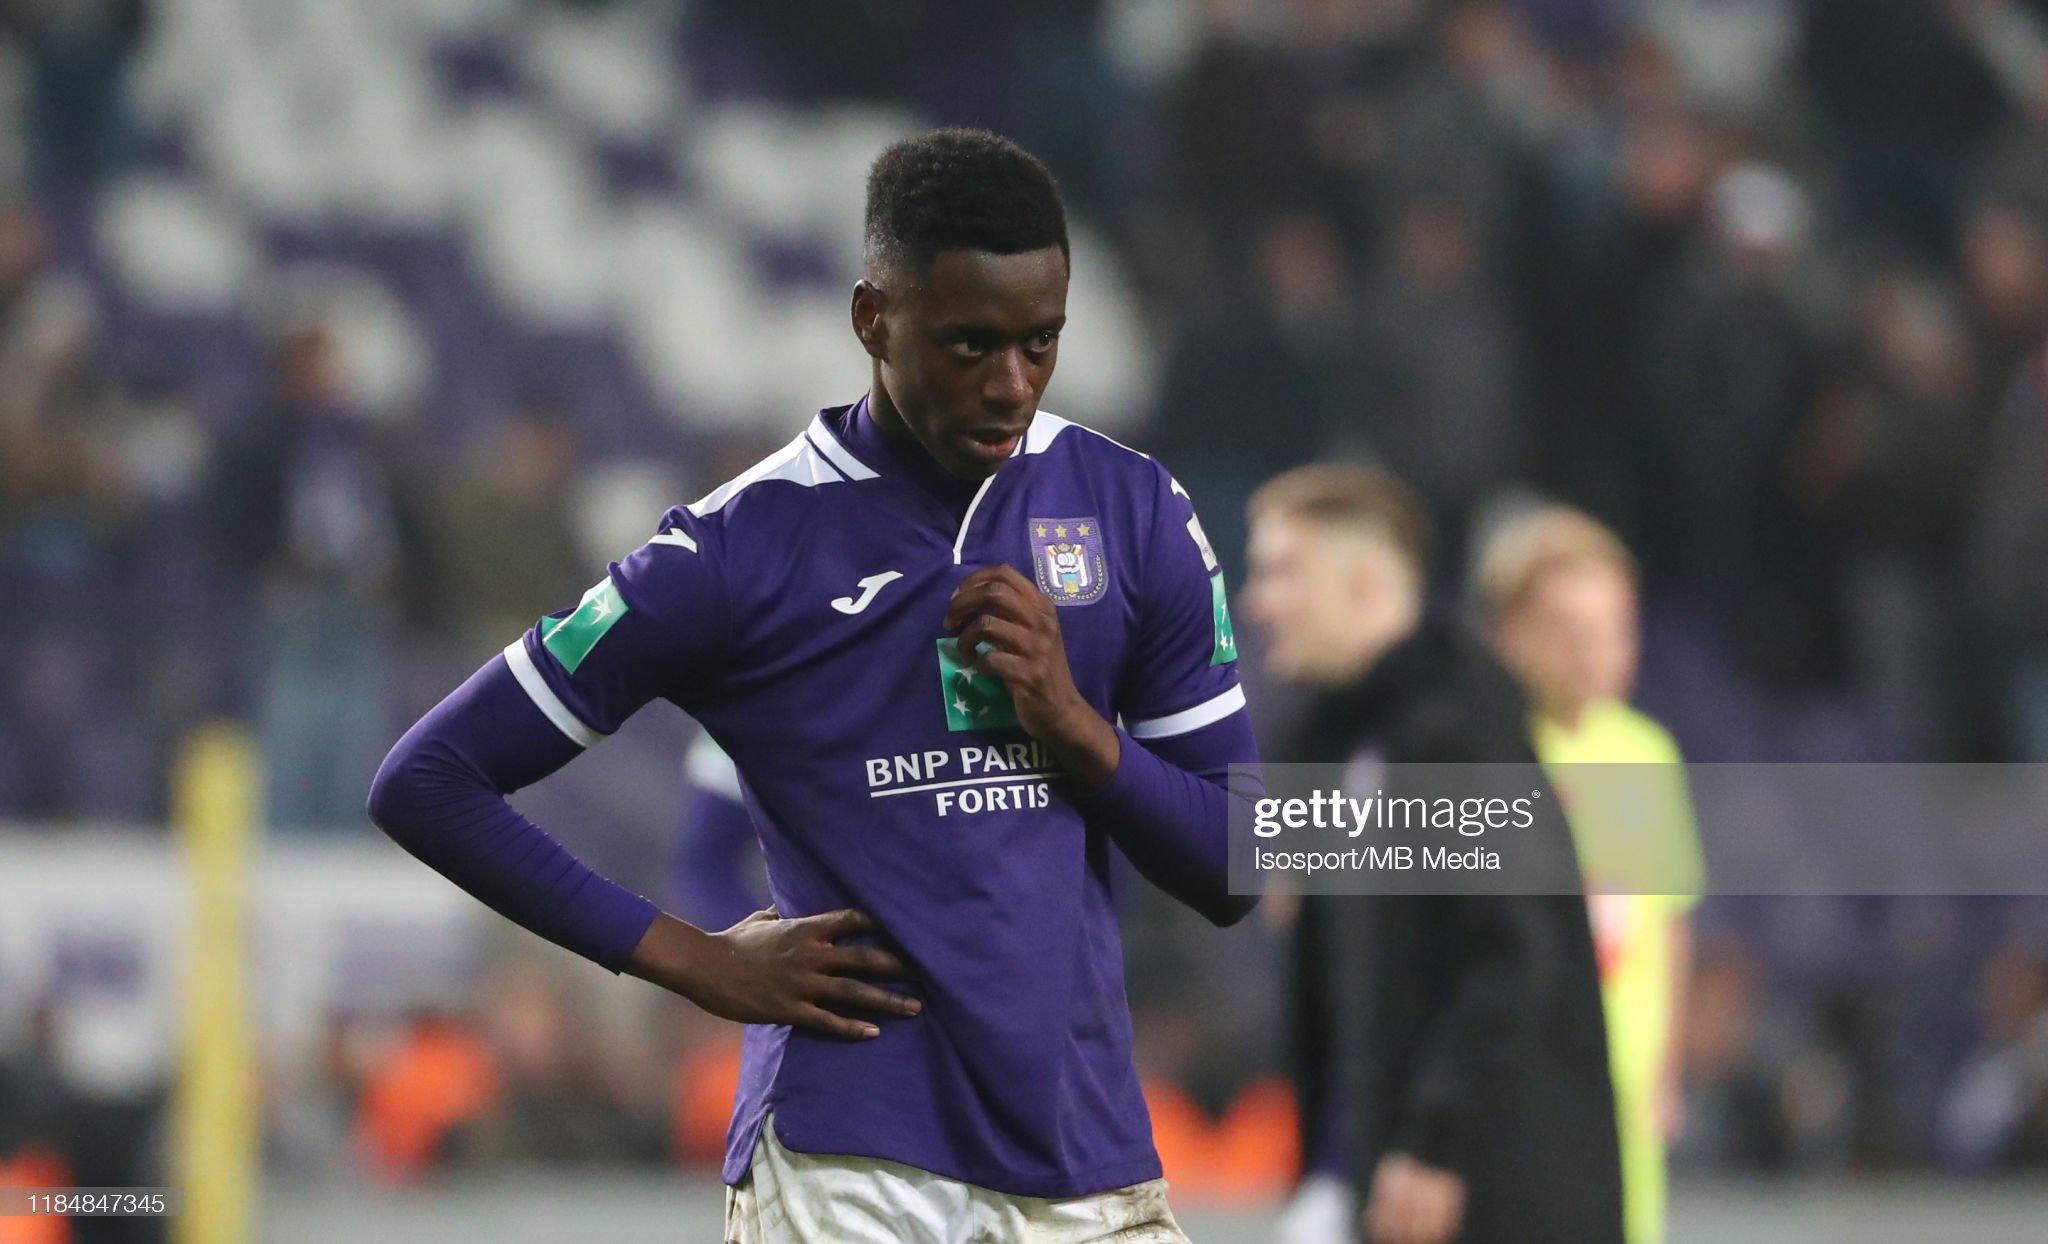 RSC Anderlecht v KAA Gent - Jupiler Pro League : ニュース写真